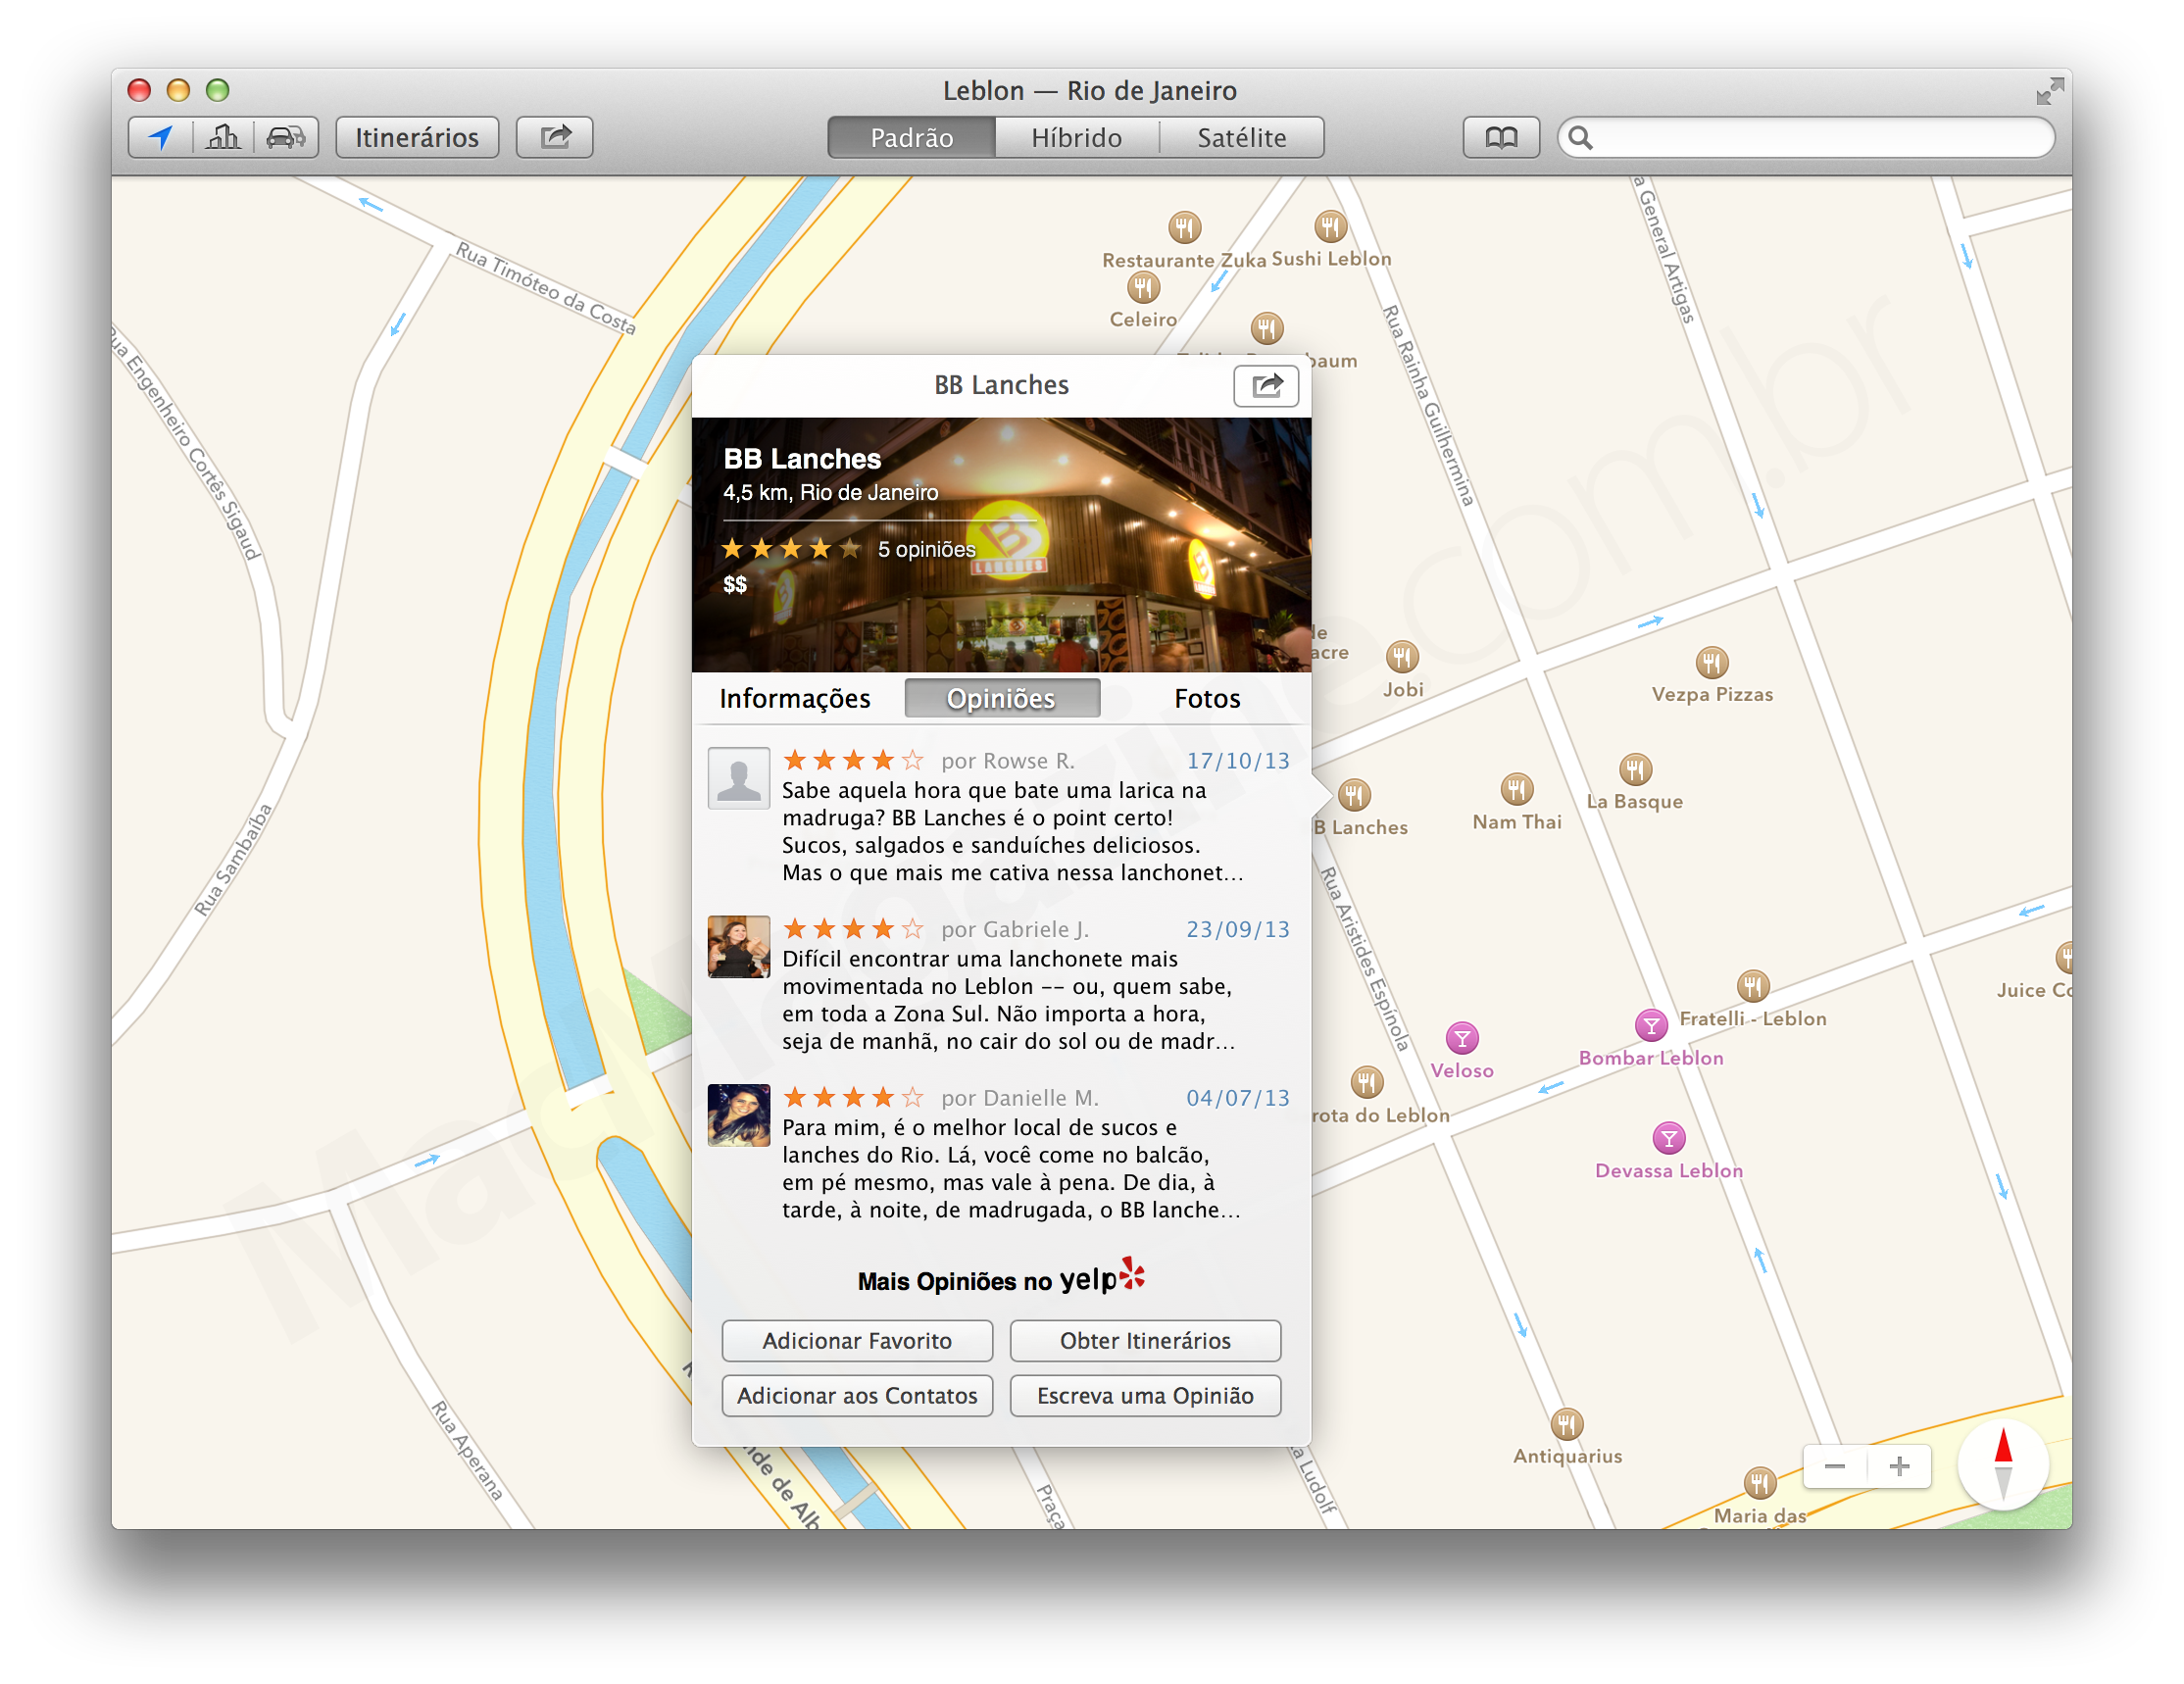 Avaliações do Yelp no app Mapas do OS X